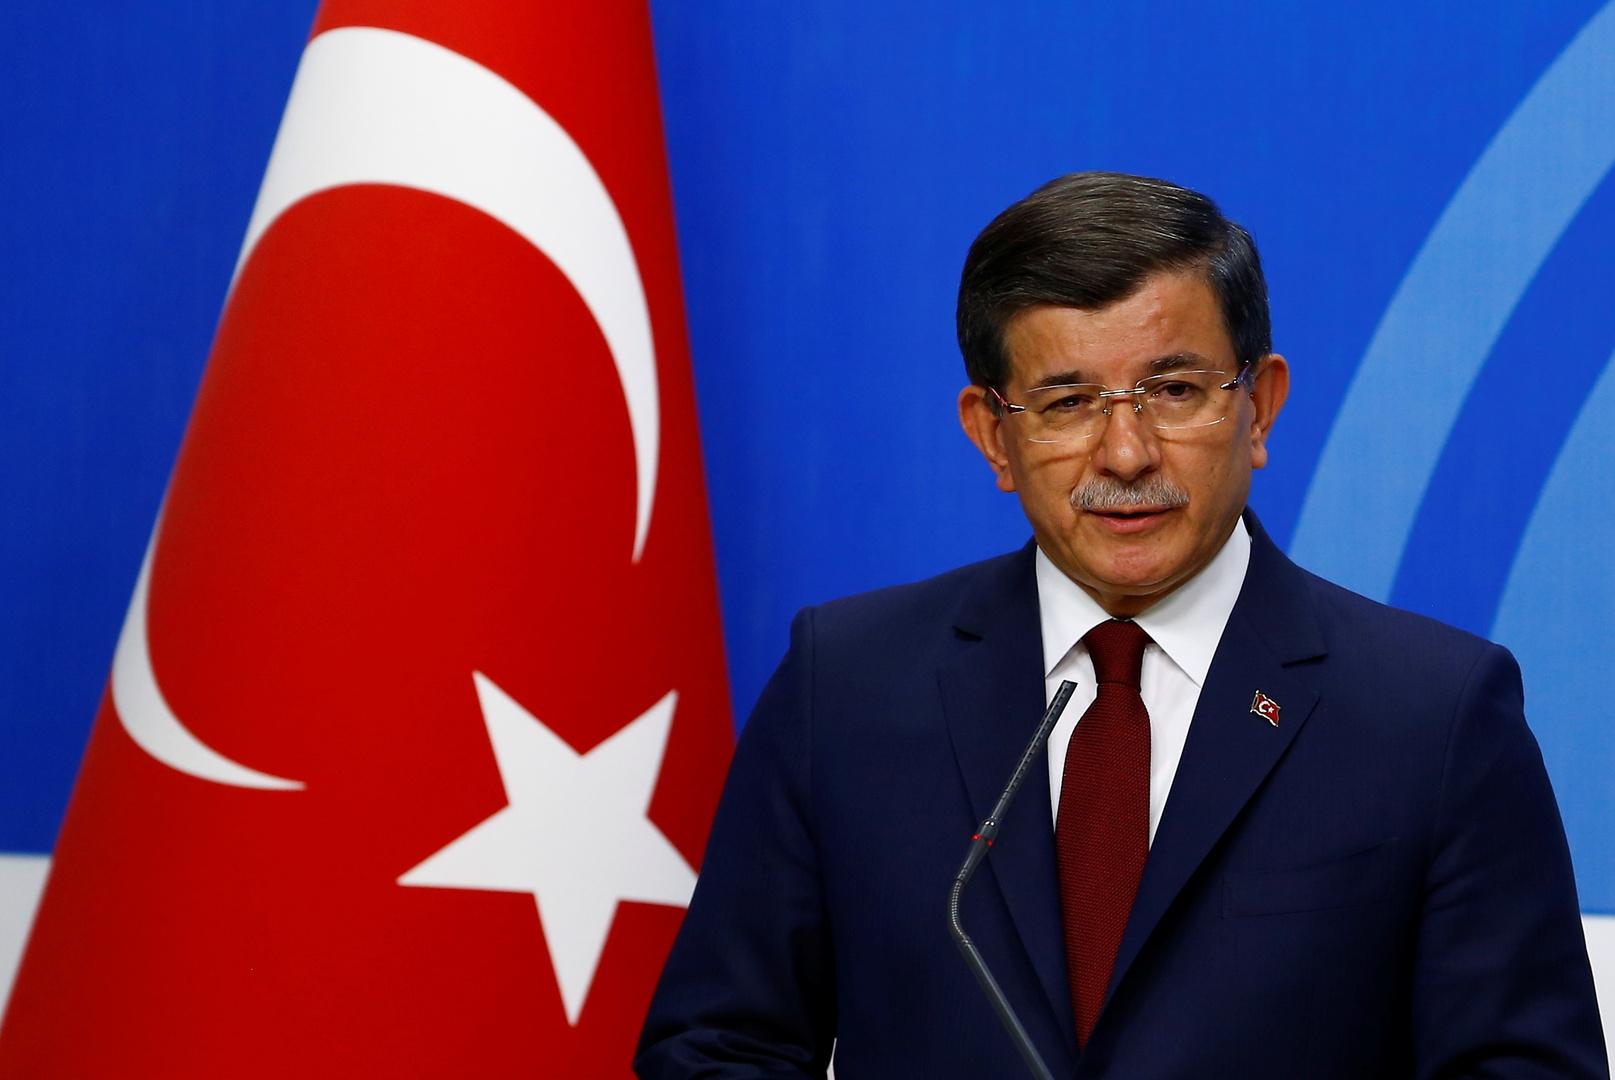 أحمد داود أوغلو، رئيس وزراء تركيا الأسبق ورئيس حزب